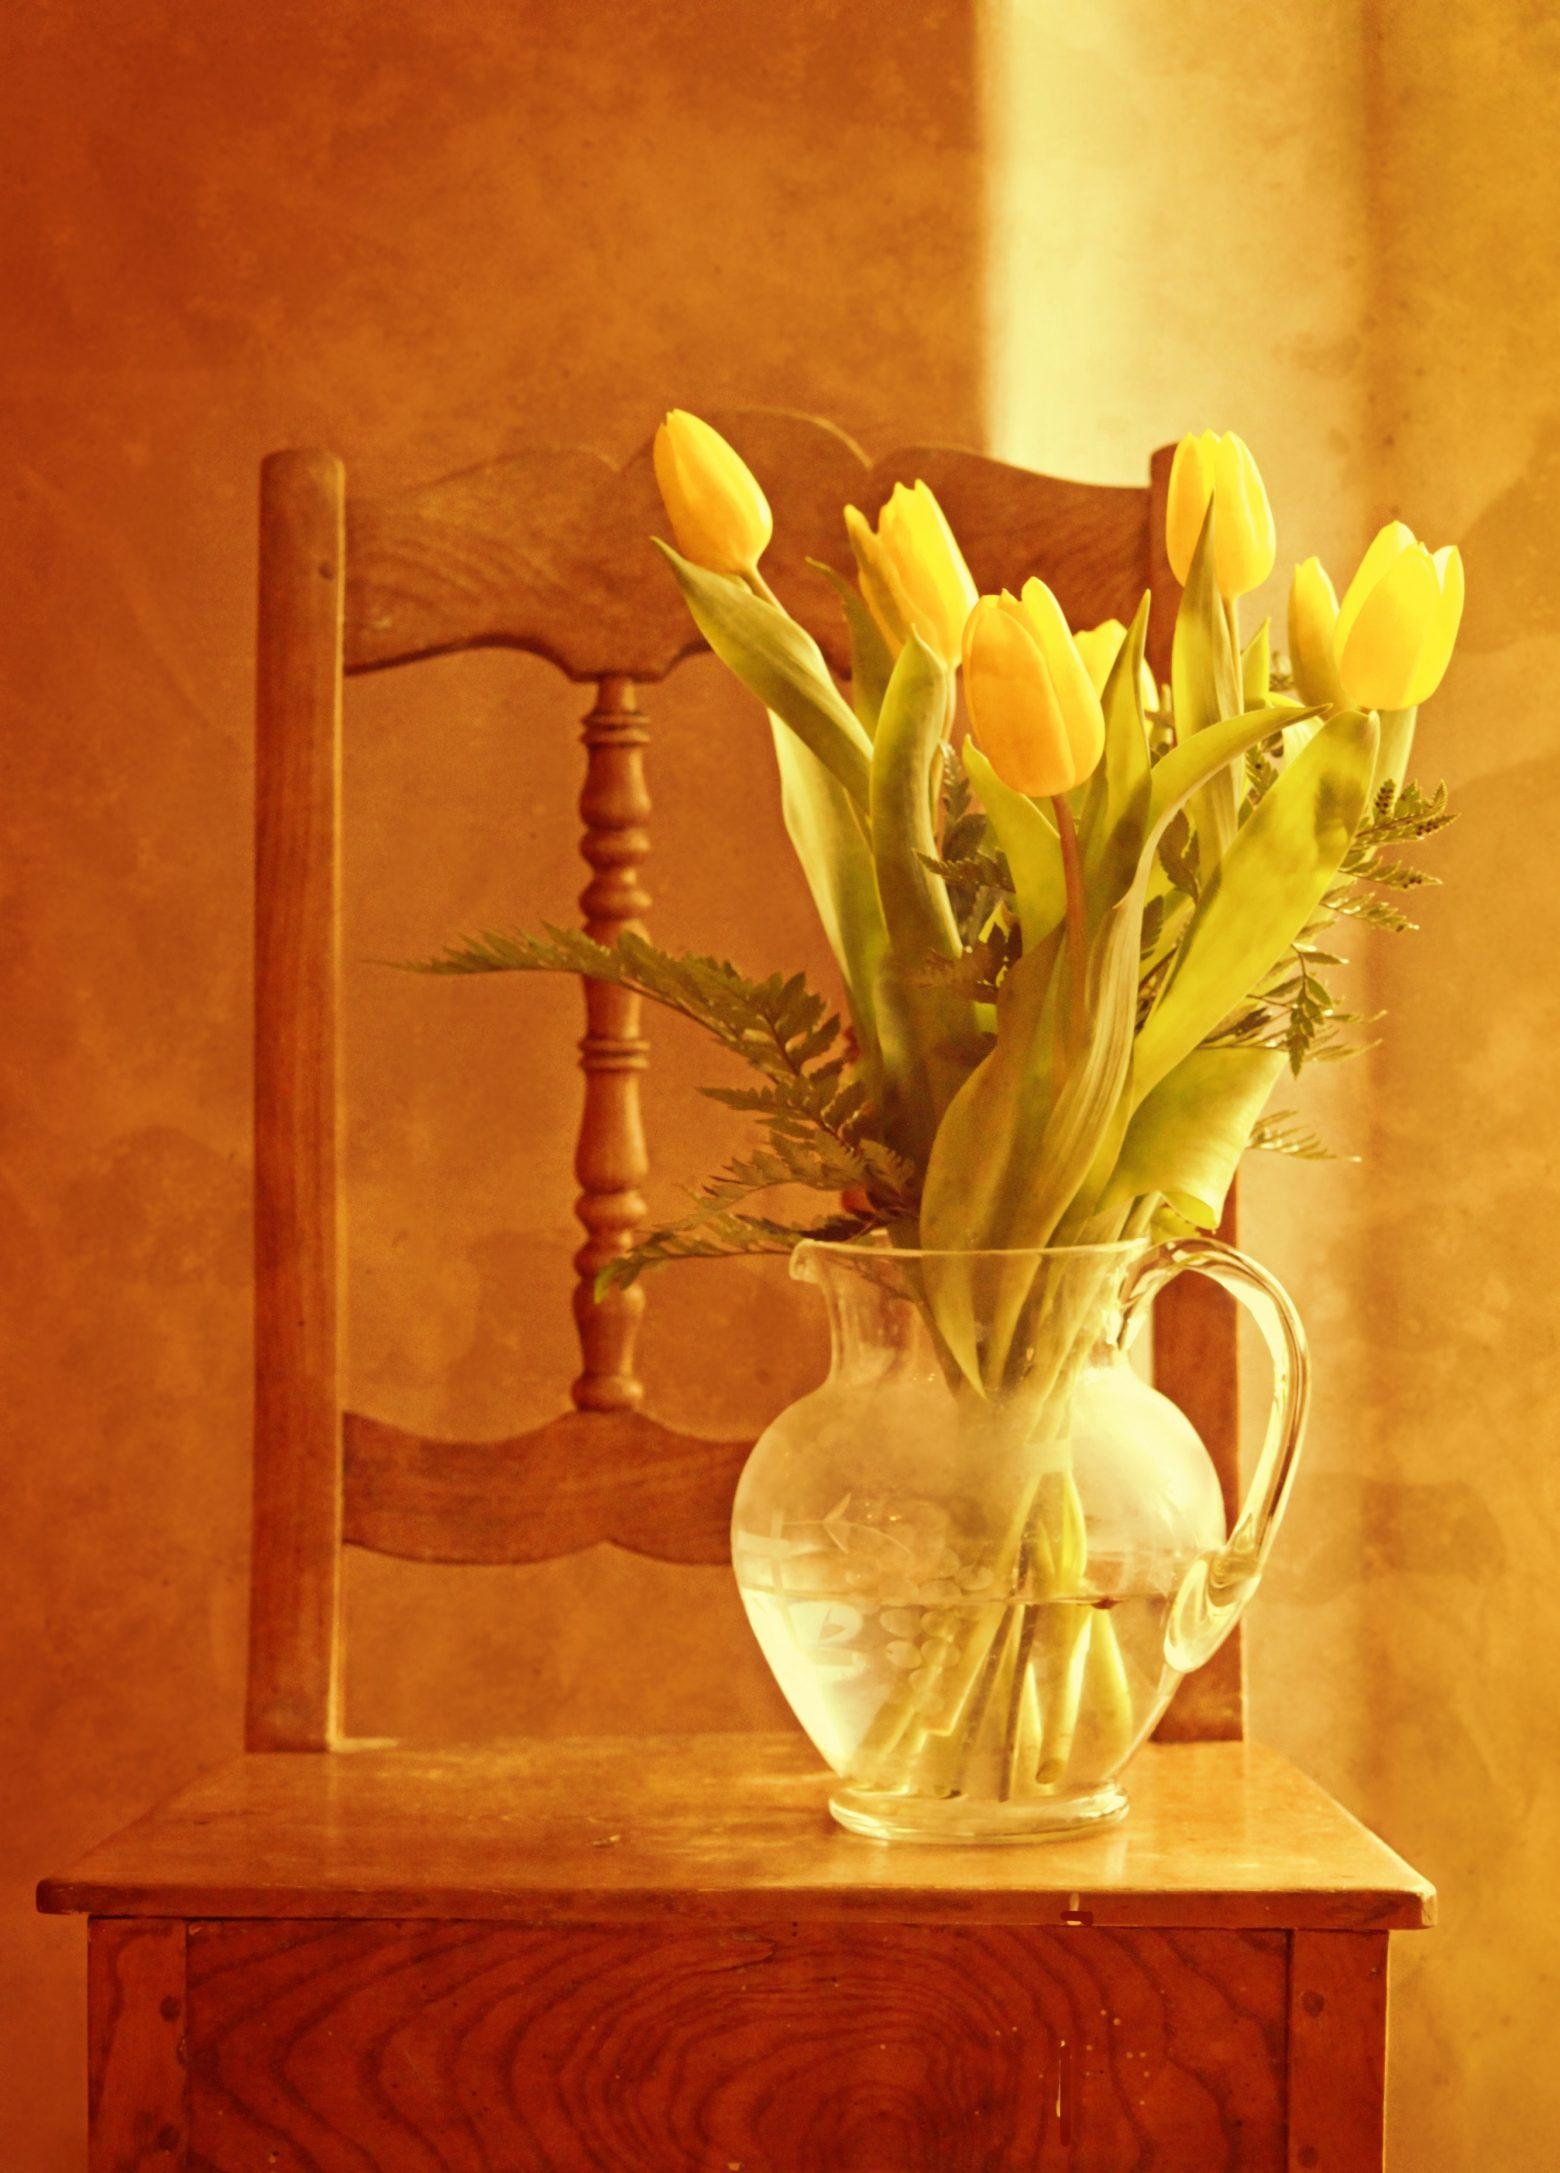 tulip-bouquet-1715054